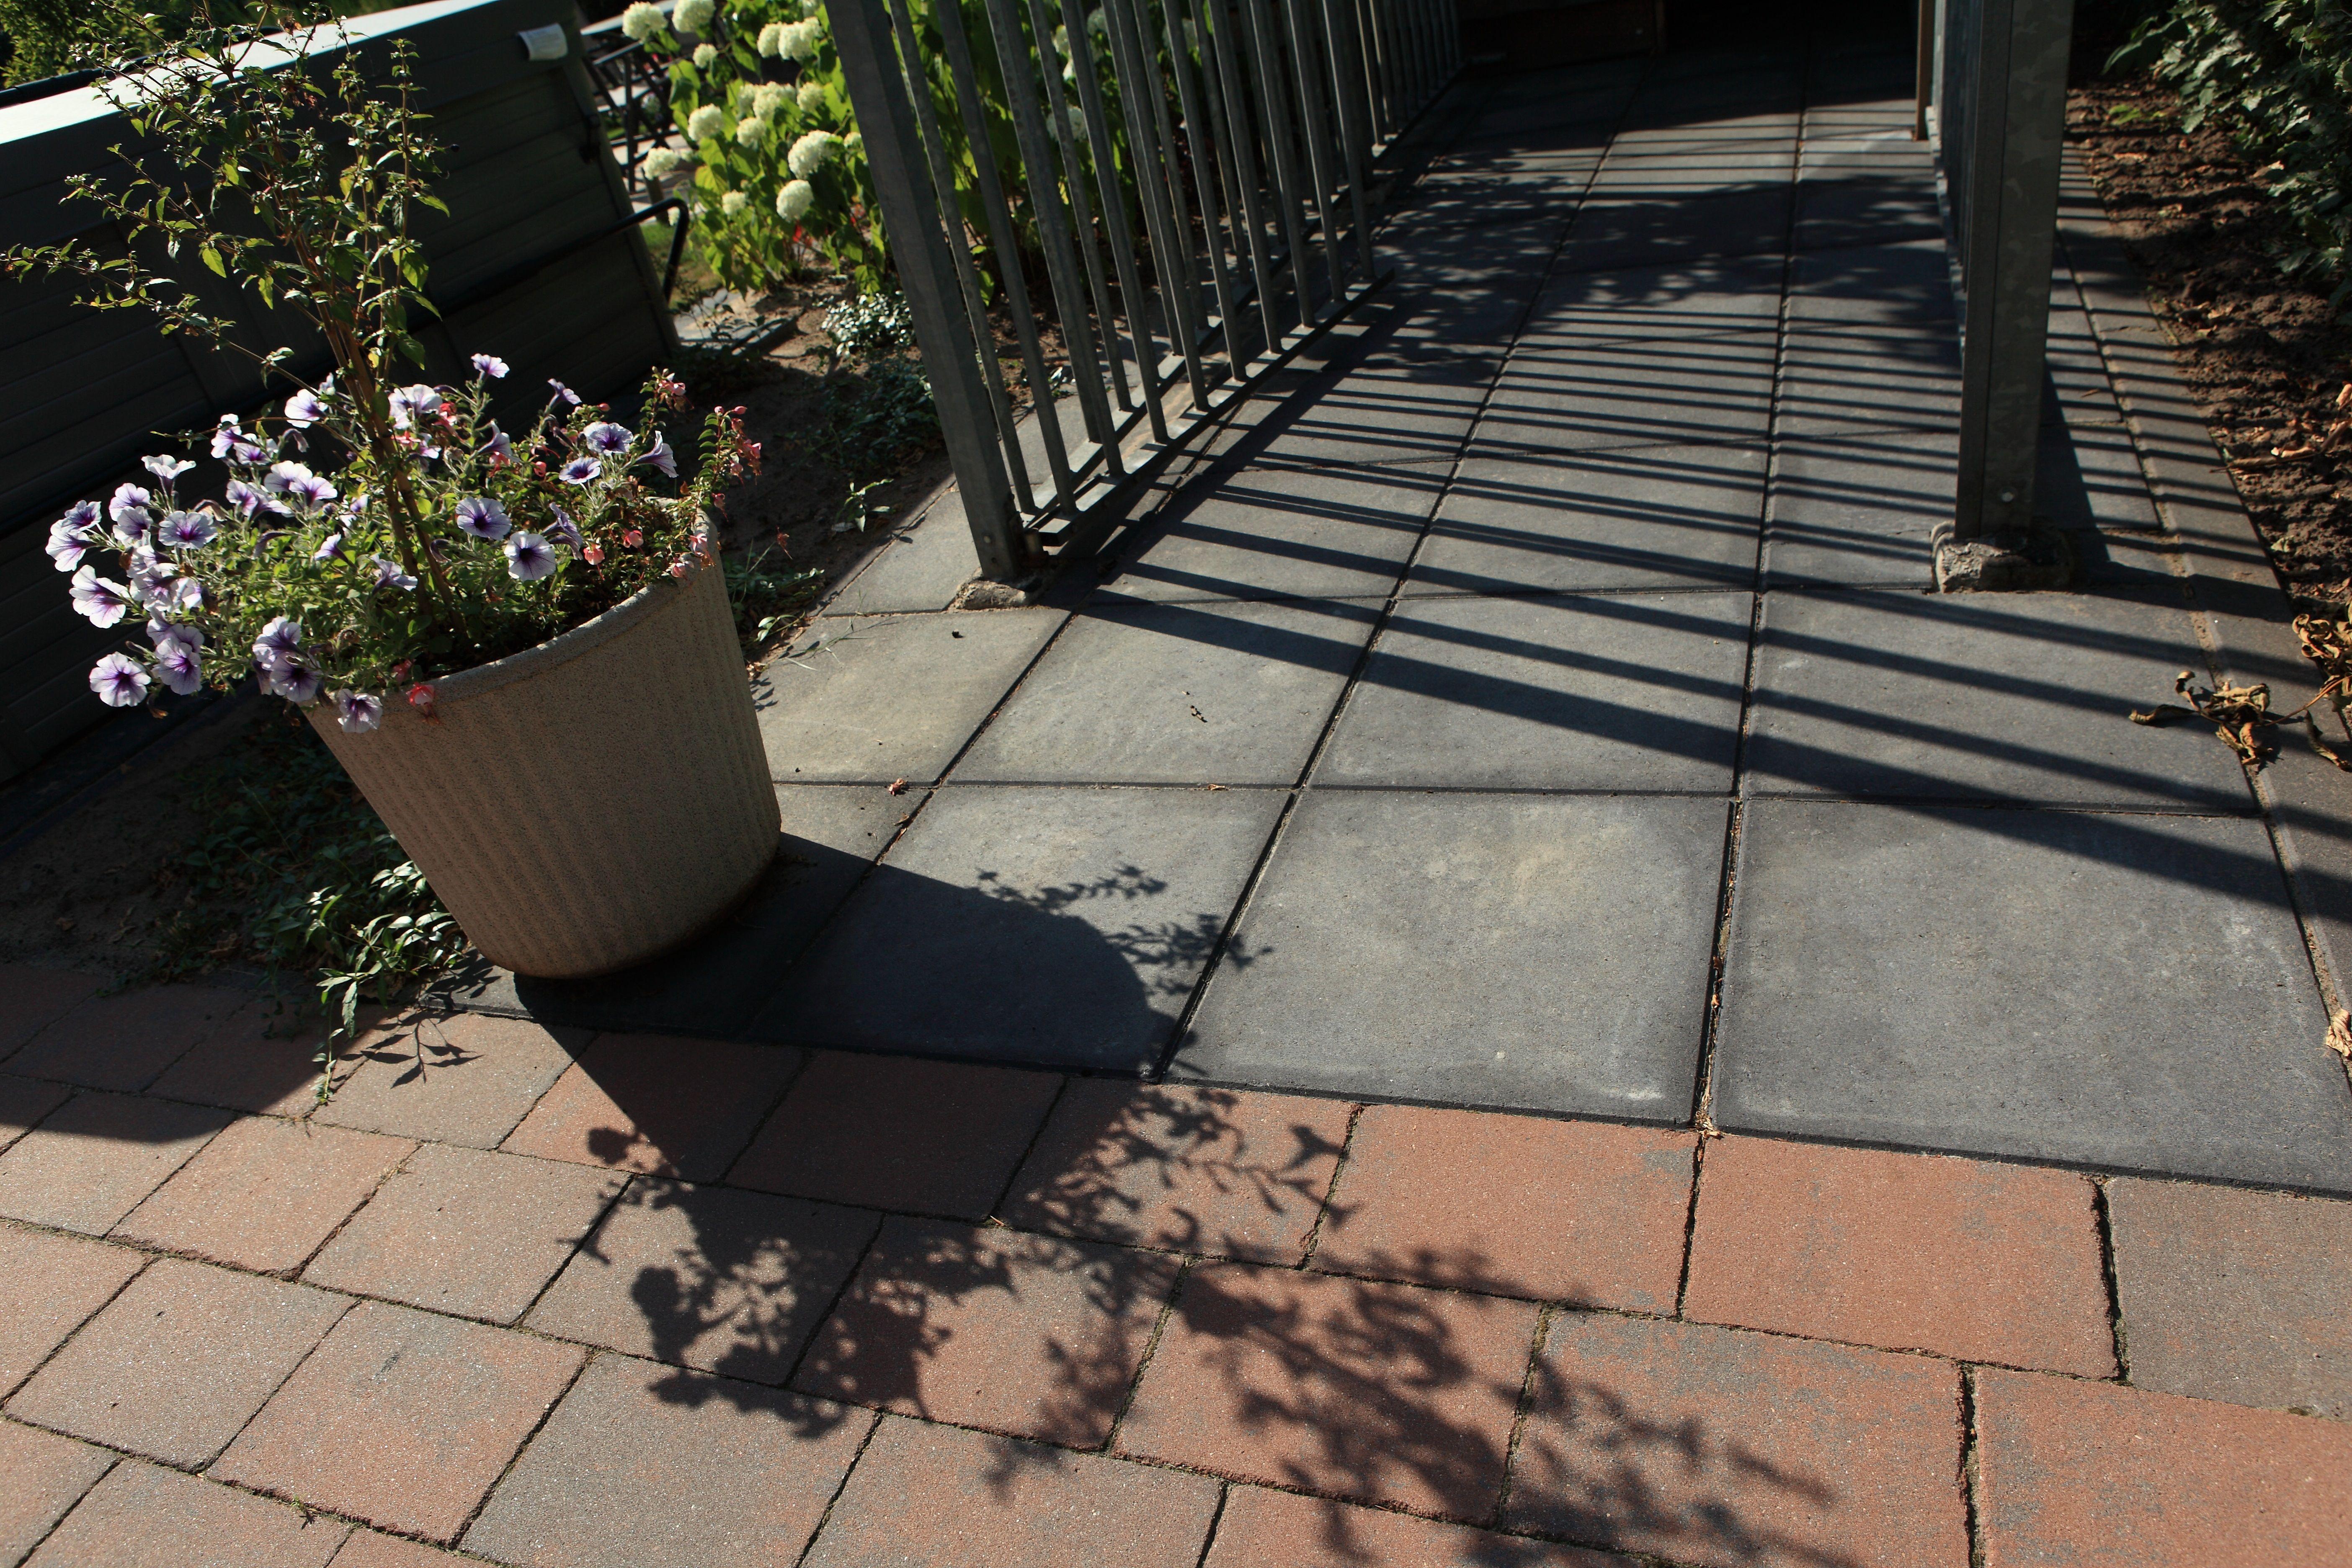 Misschien wel de grondlegger van sierbestrating, de betontegel, betontegels zijn maatvast, tijdloos, eenvoudig en op heel veel plaatsen bruikbaar.